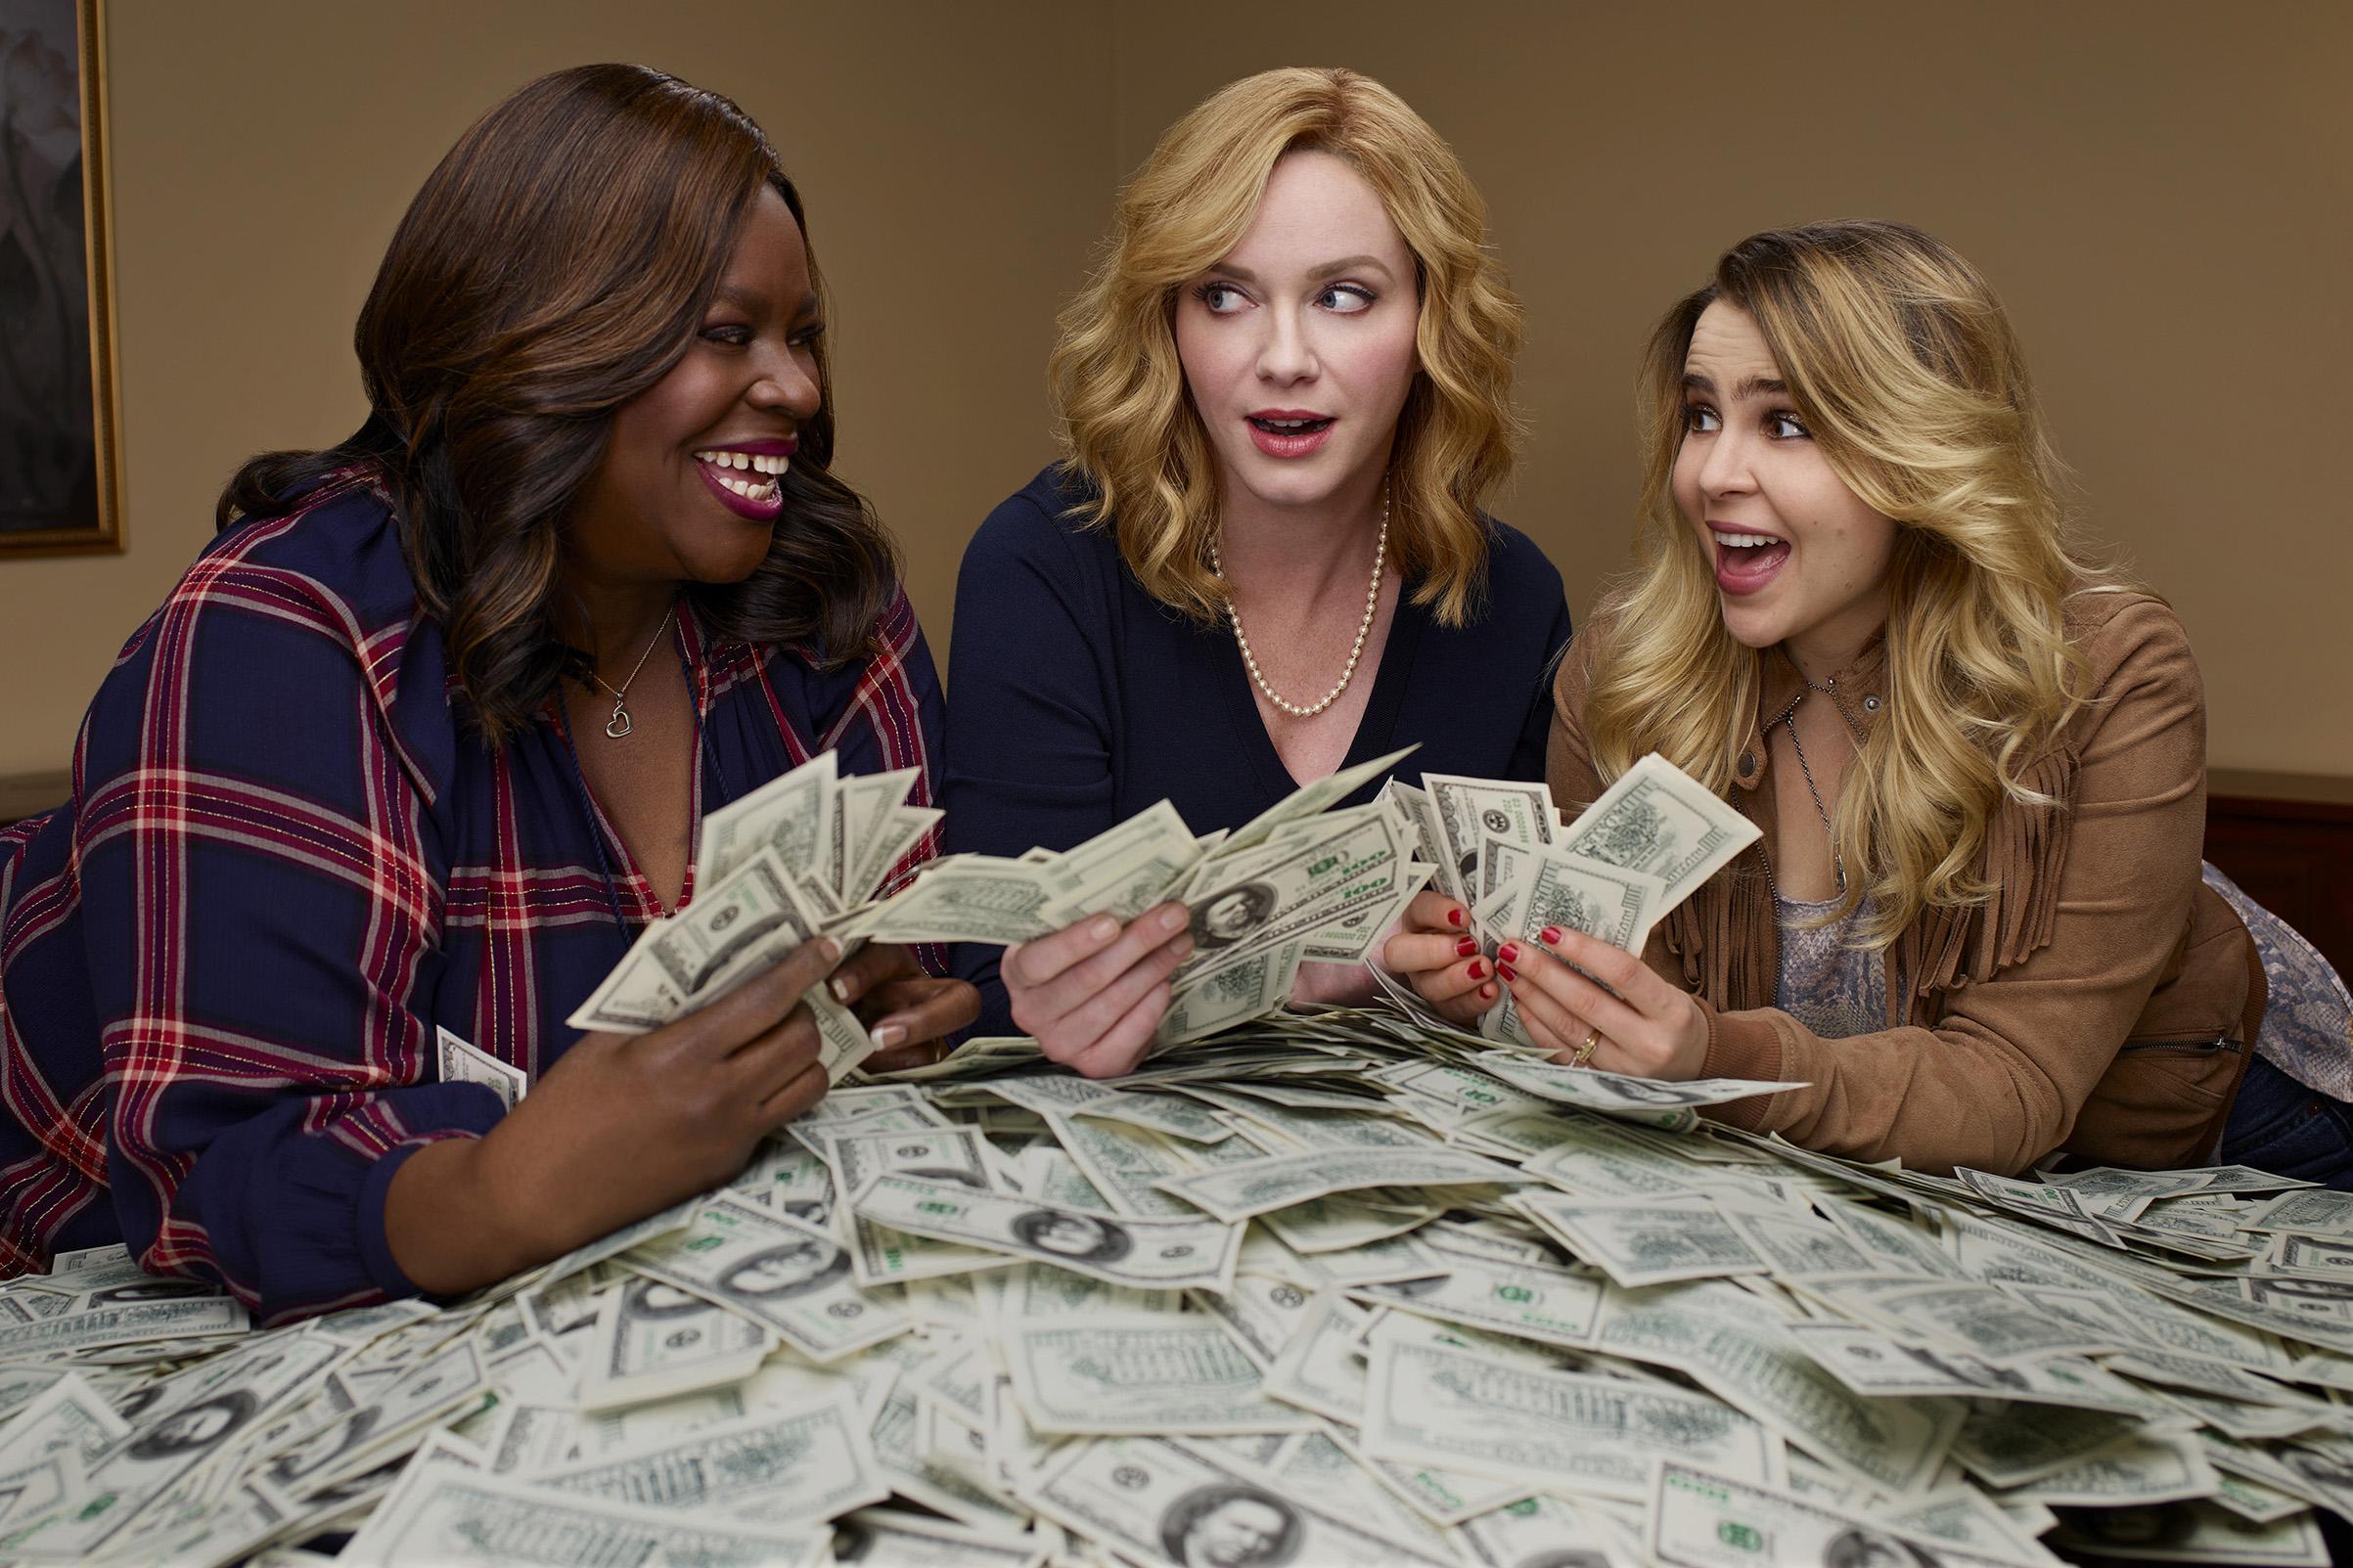 Retta as Ruby Hill, Christina Hendricks as Beth Boland, Mae Whitman as Annie Marks in 'Good Girls'.